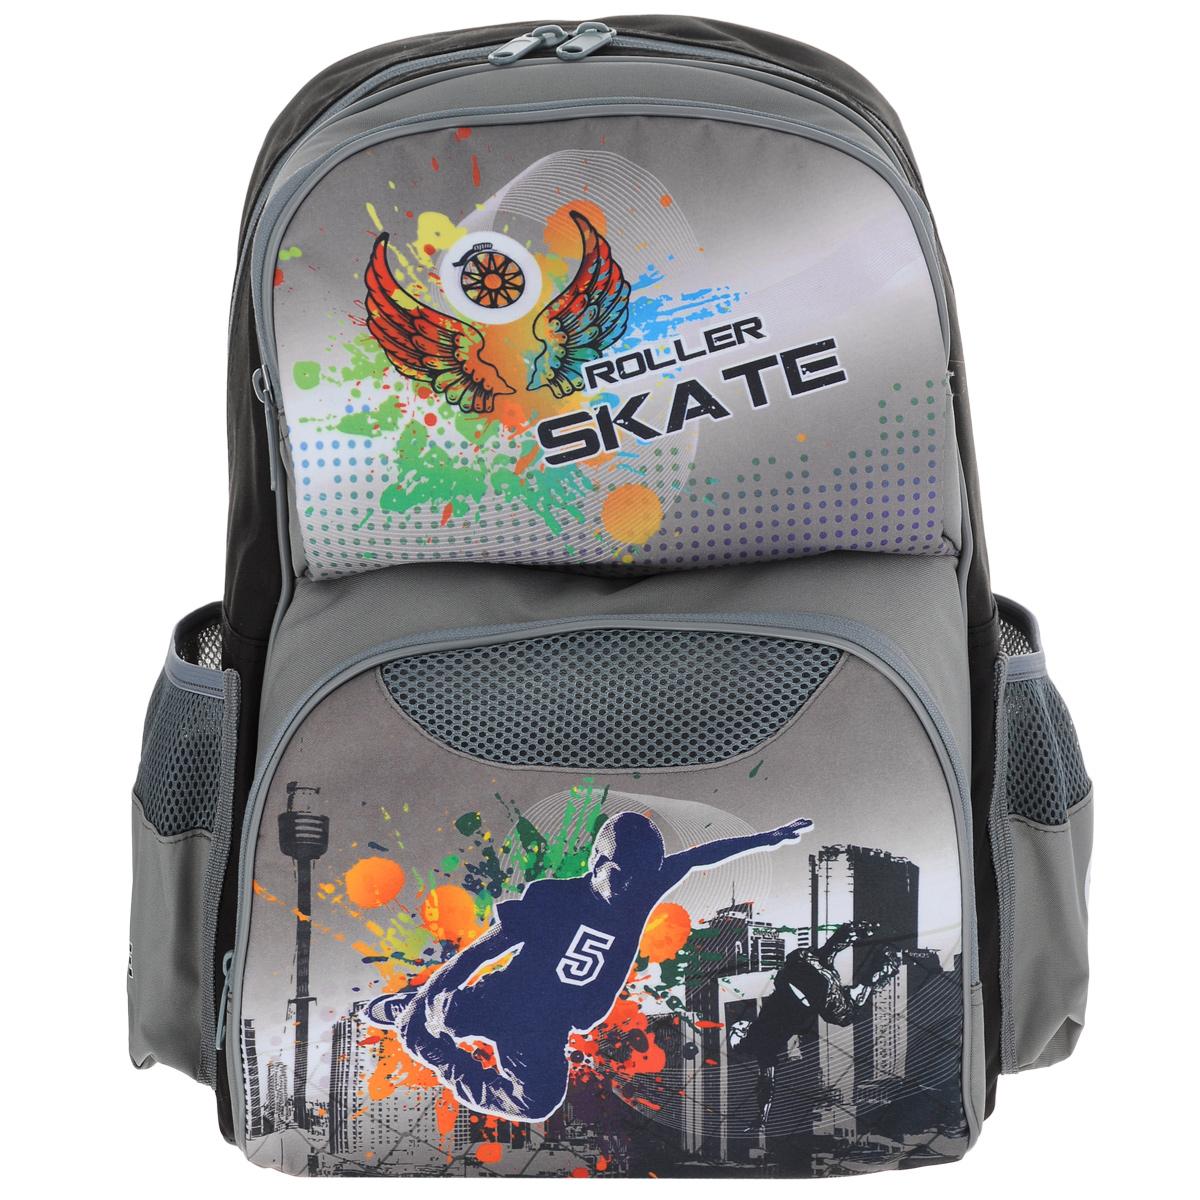 Ранец школьный Tiger Enterprise Roller Skate, цвет: серый72523WDСтильный школьный рюкзак Roller Skate небольшого размера - это красивый и удобный ранец, который подойдет всем, кто хочет разнообразить свои школьные будни. Ранец состоит из одного основного отделения, закрывающегося на застежку-молнию с двумя бегунками. Внутри - накладной открытый карман и разделитель. На внешней стороне рюкзак имеет два накладных кармана на застежке-молнии. По бокам рюкзак имеет два сетчатых кармана, затянутых резинкой.Благодаря анатомической спинке, повторяющей контур спины и двум эргономичным плечевым ремням, длина которых регулируется, у ребенка не возникнут проблемы с позвоночником. Также есть текстильная ручка, с прорезиненной вставкой, для удобной переноски. Многофункциональный школьный ранец станет незаменимым спутником вашего ребенка в походах за знаниями.